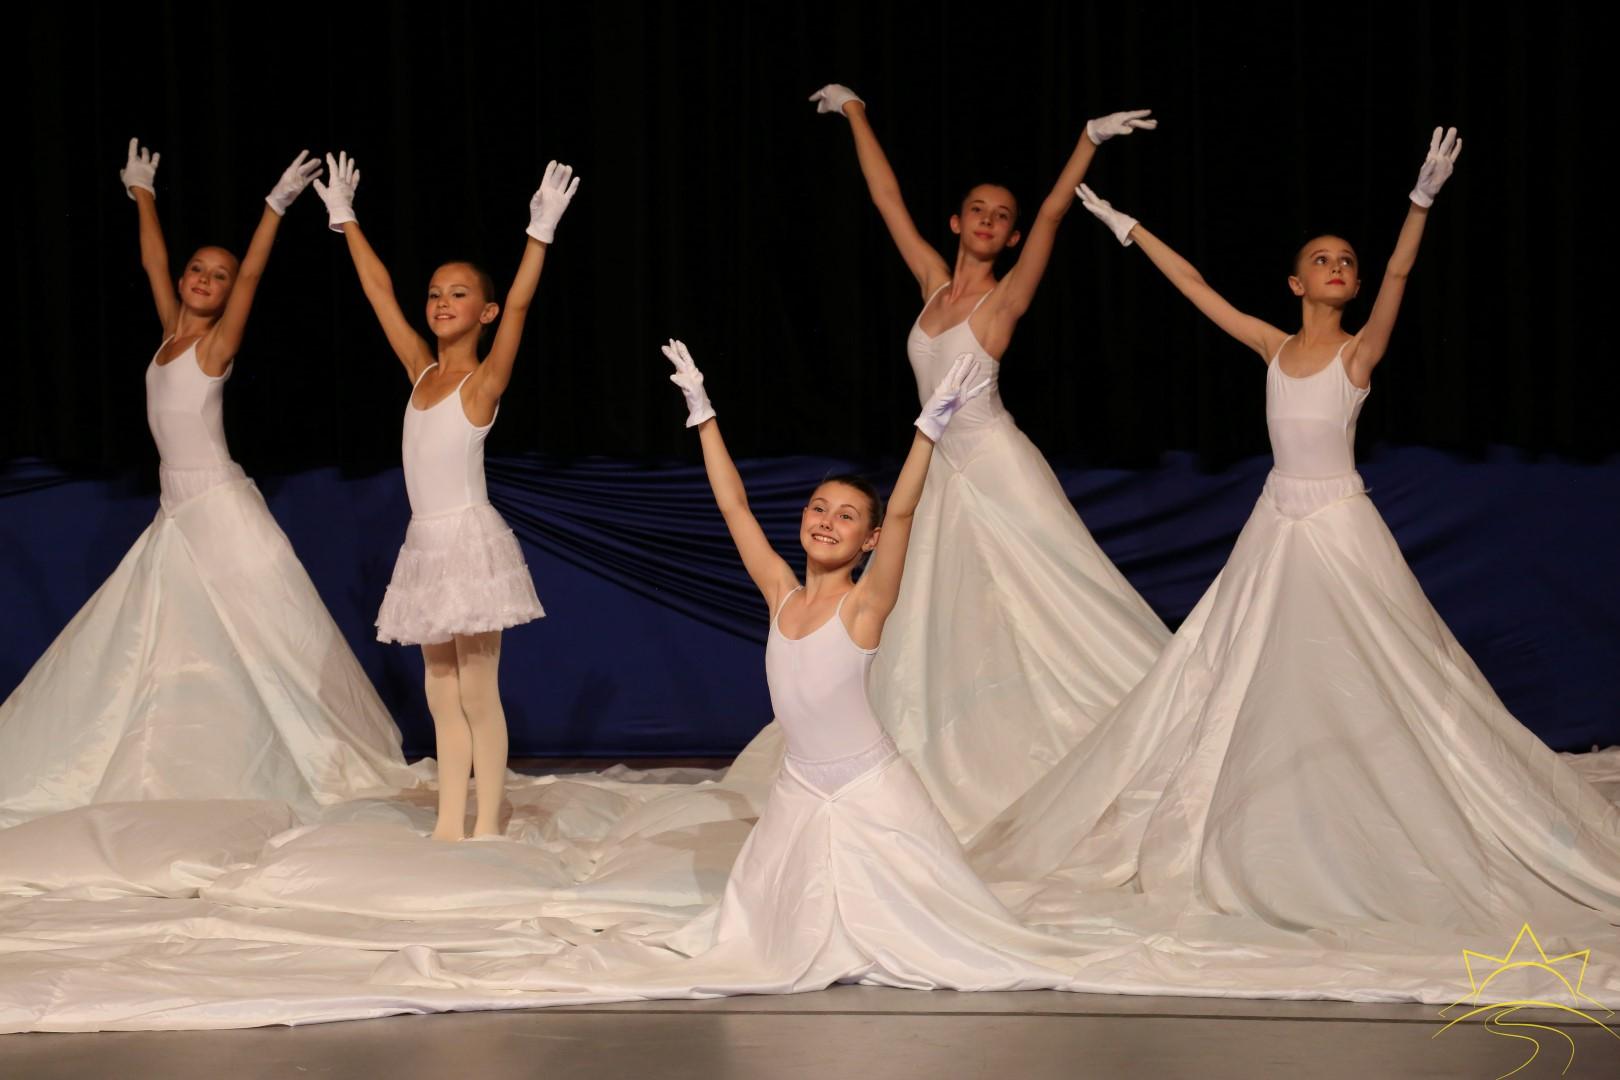 Открытие конкурсной части фестиваля танцевального искусства             «Grand Dance Academy» в комплексе «Камчия»